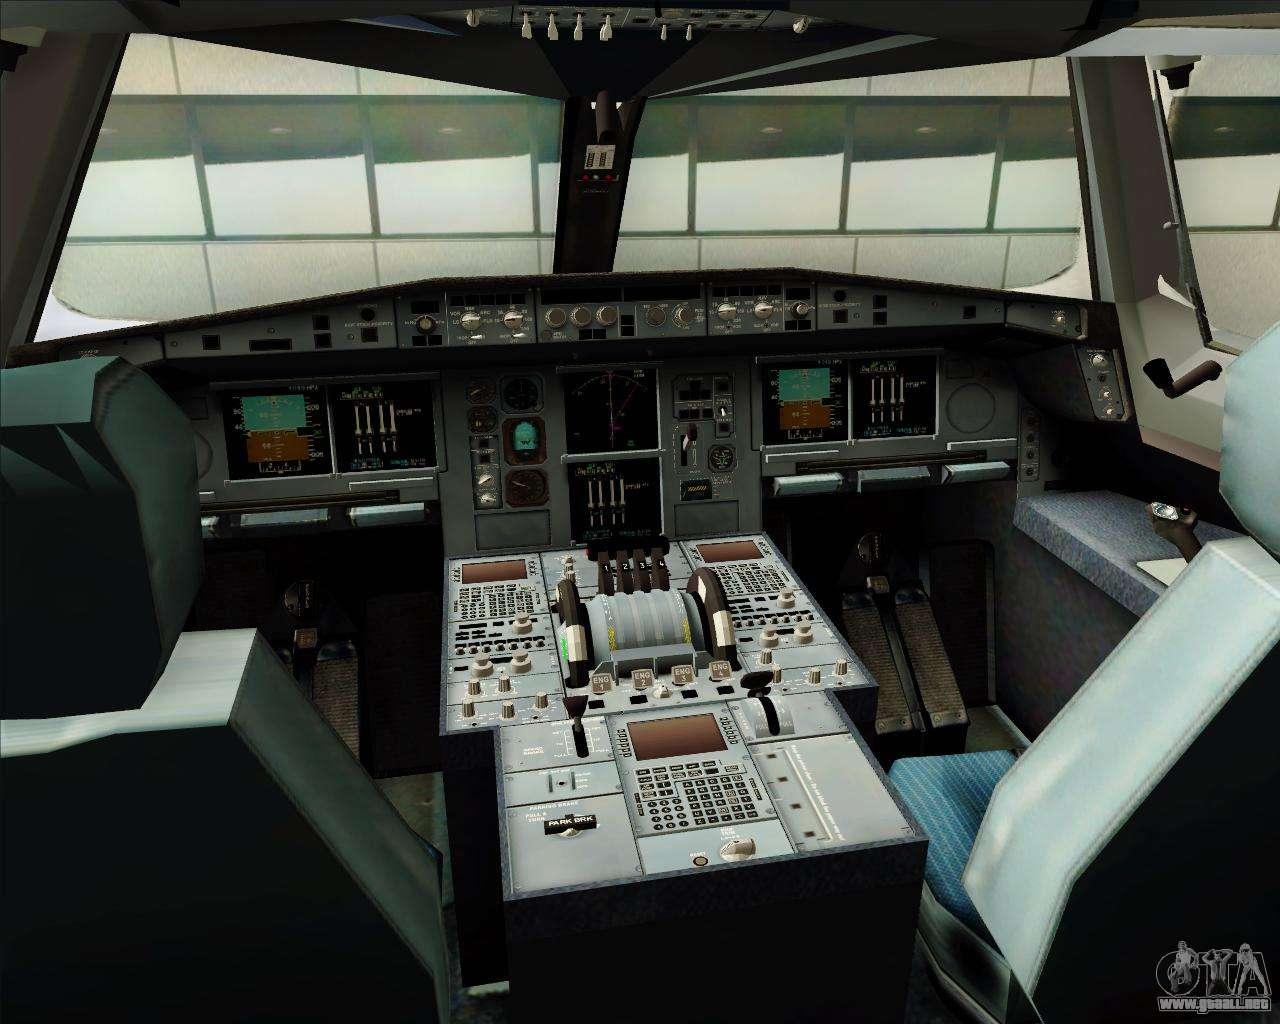 eminem a380 airbus interior - photo #48